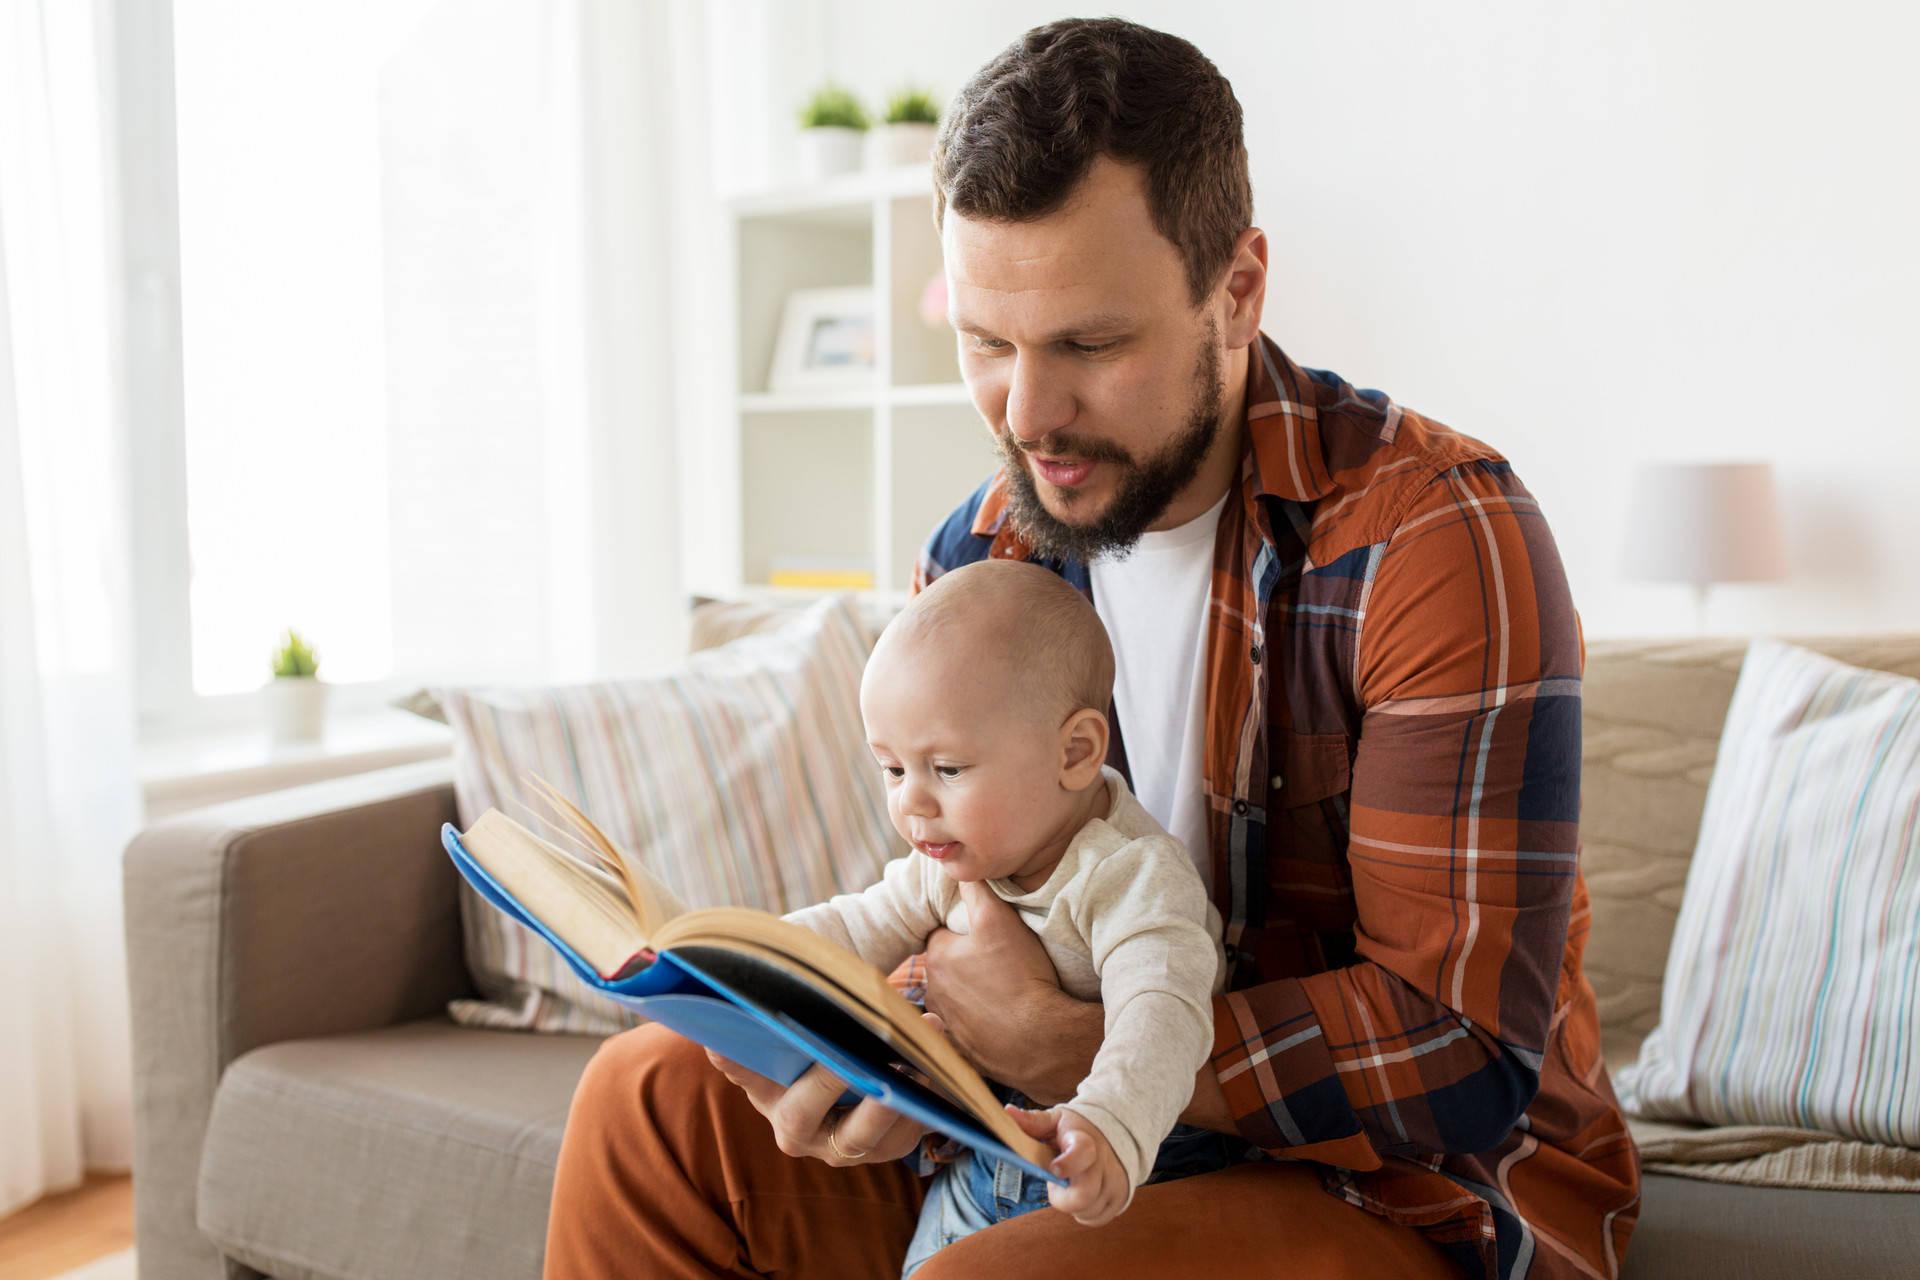 """五个月宝宝开始认生,经历多个""""第一次"""",妈妈用游戏促进娃成长  第8张"""